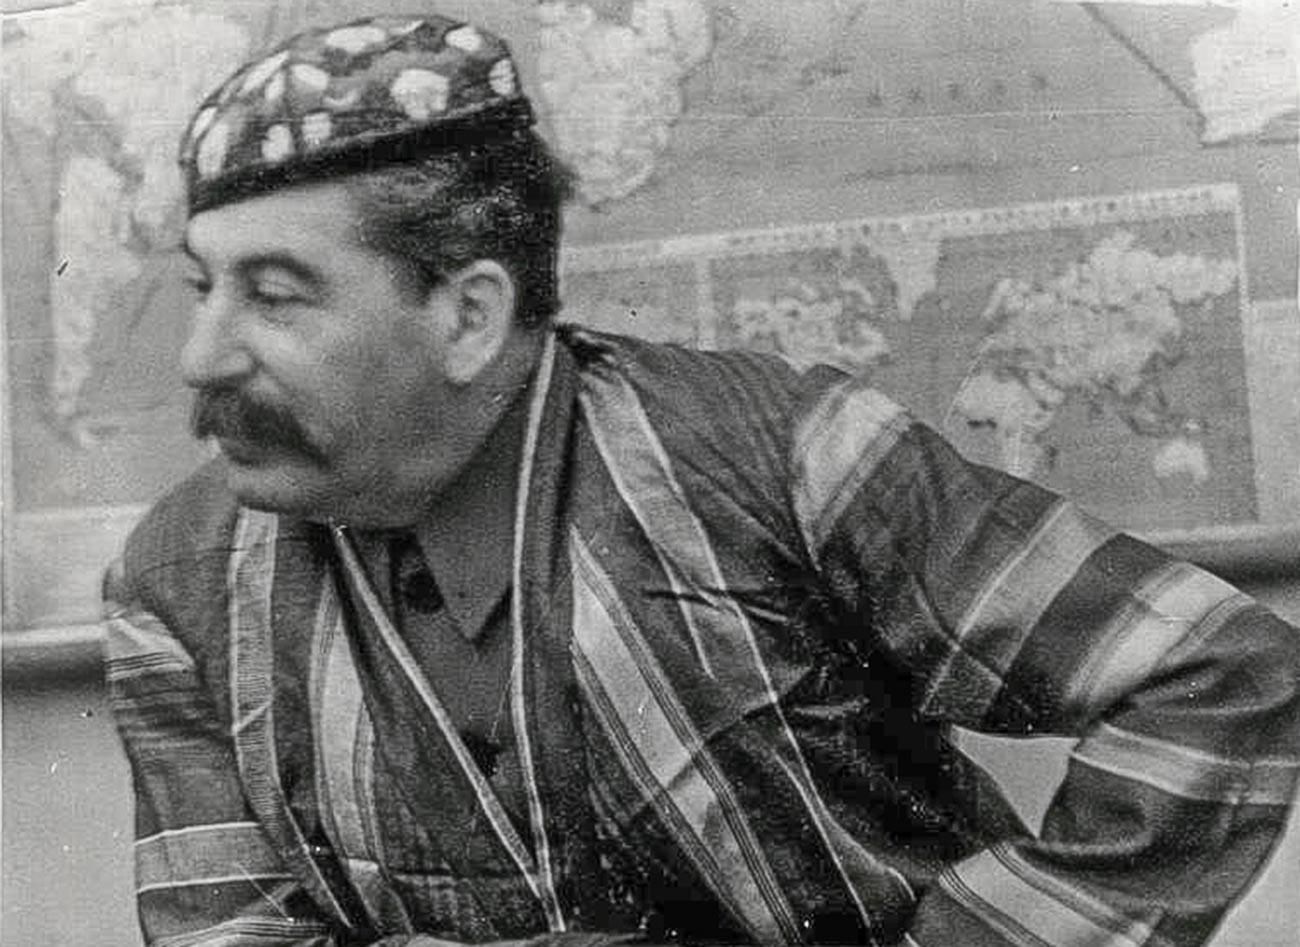 Iósif Stalin con ropas nacionales uzbekas, década de 1930